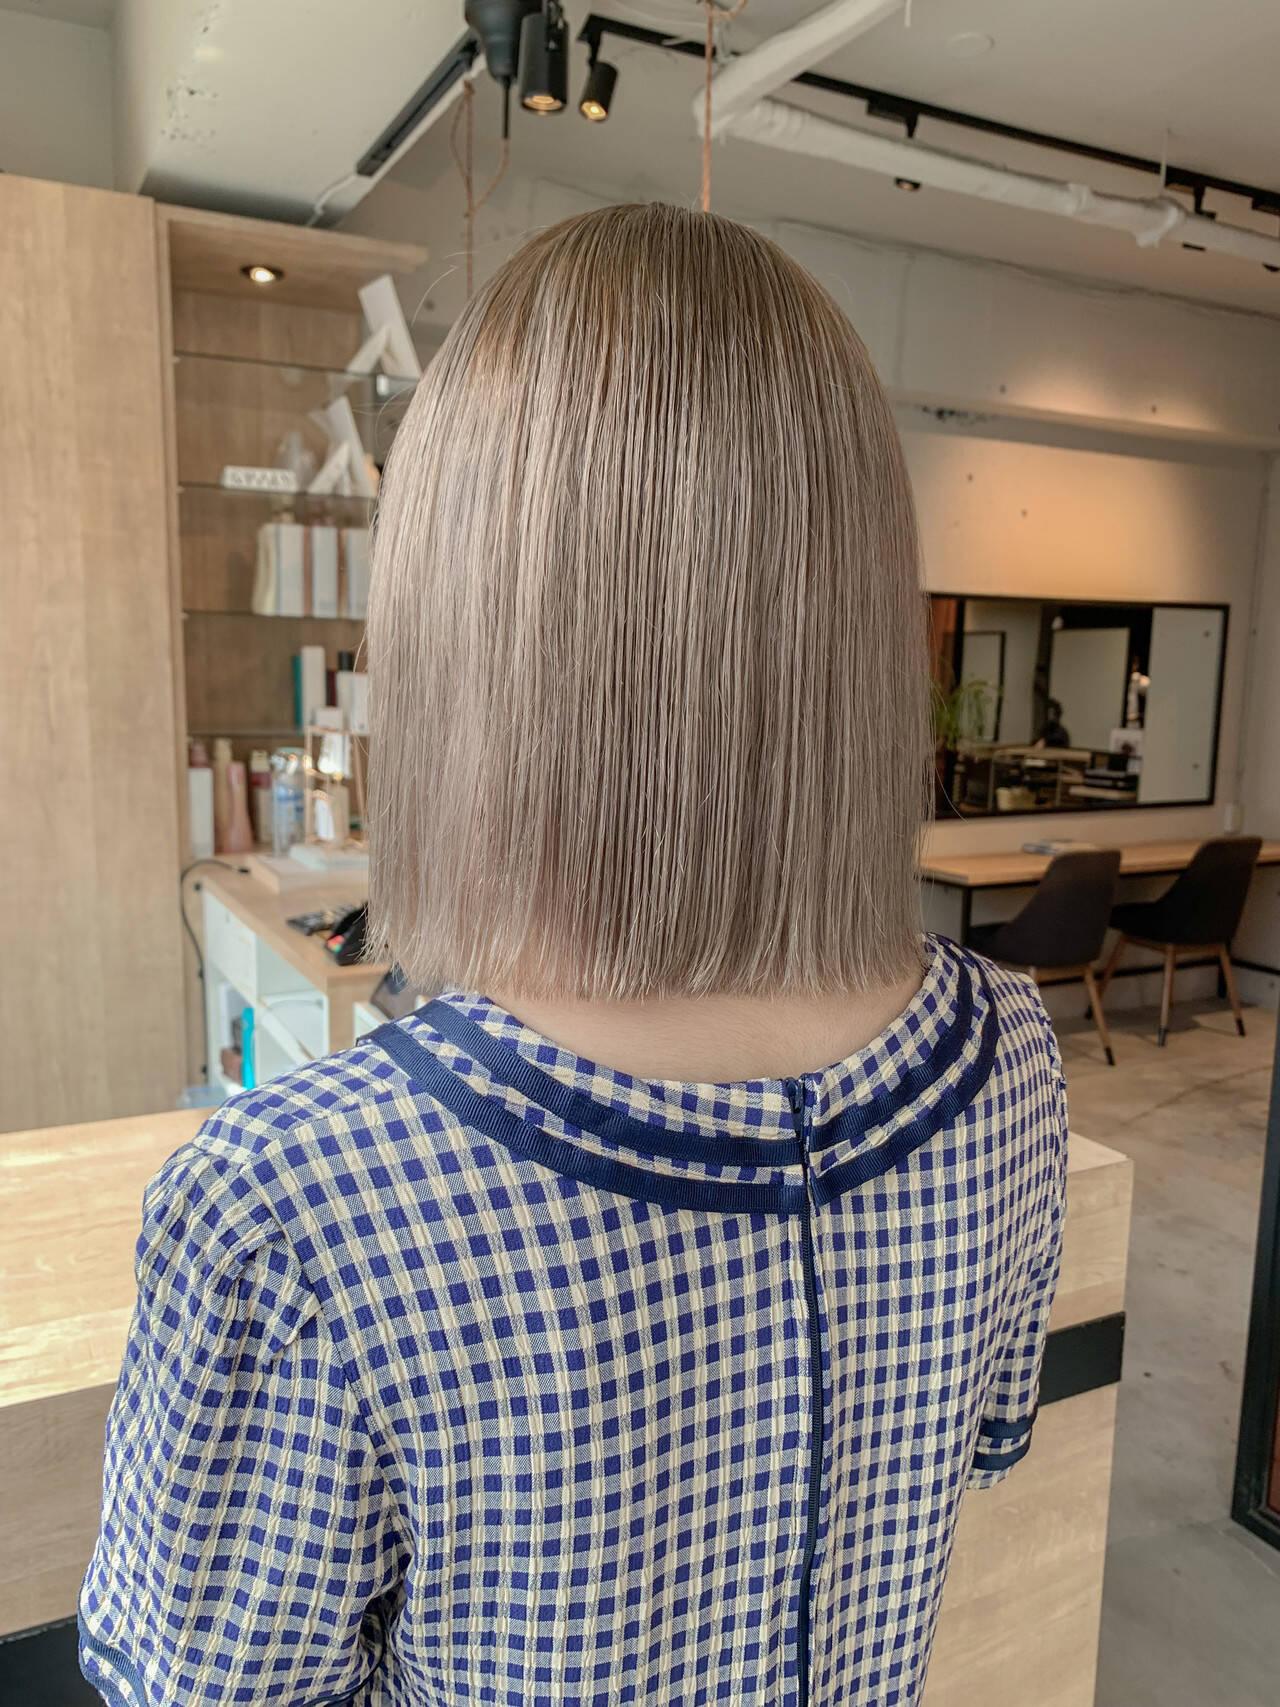 ベージュ ナチュラル 透明感カラー ボブヘアスタイルや髪型の写真・画像